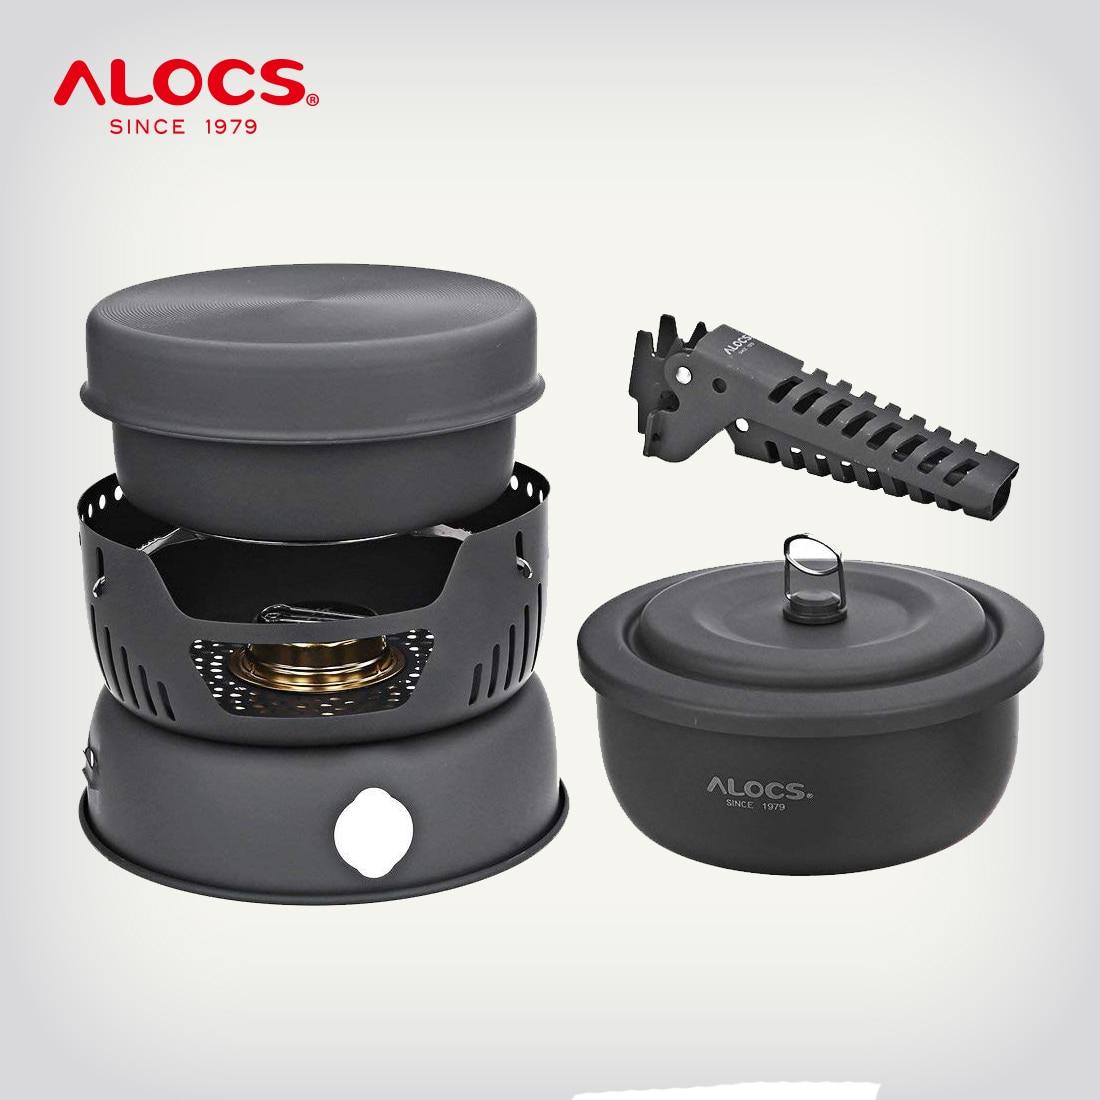 ALOCS CW-C05 ensemble 10 pièces plein air Camping randonnée pique-nique cuisson ensemble ustensile esprit poêle alcool brûleur cuisinière Pot pare-brise